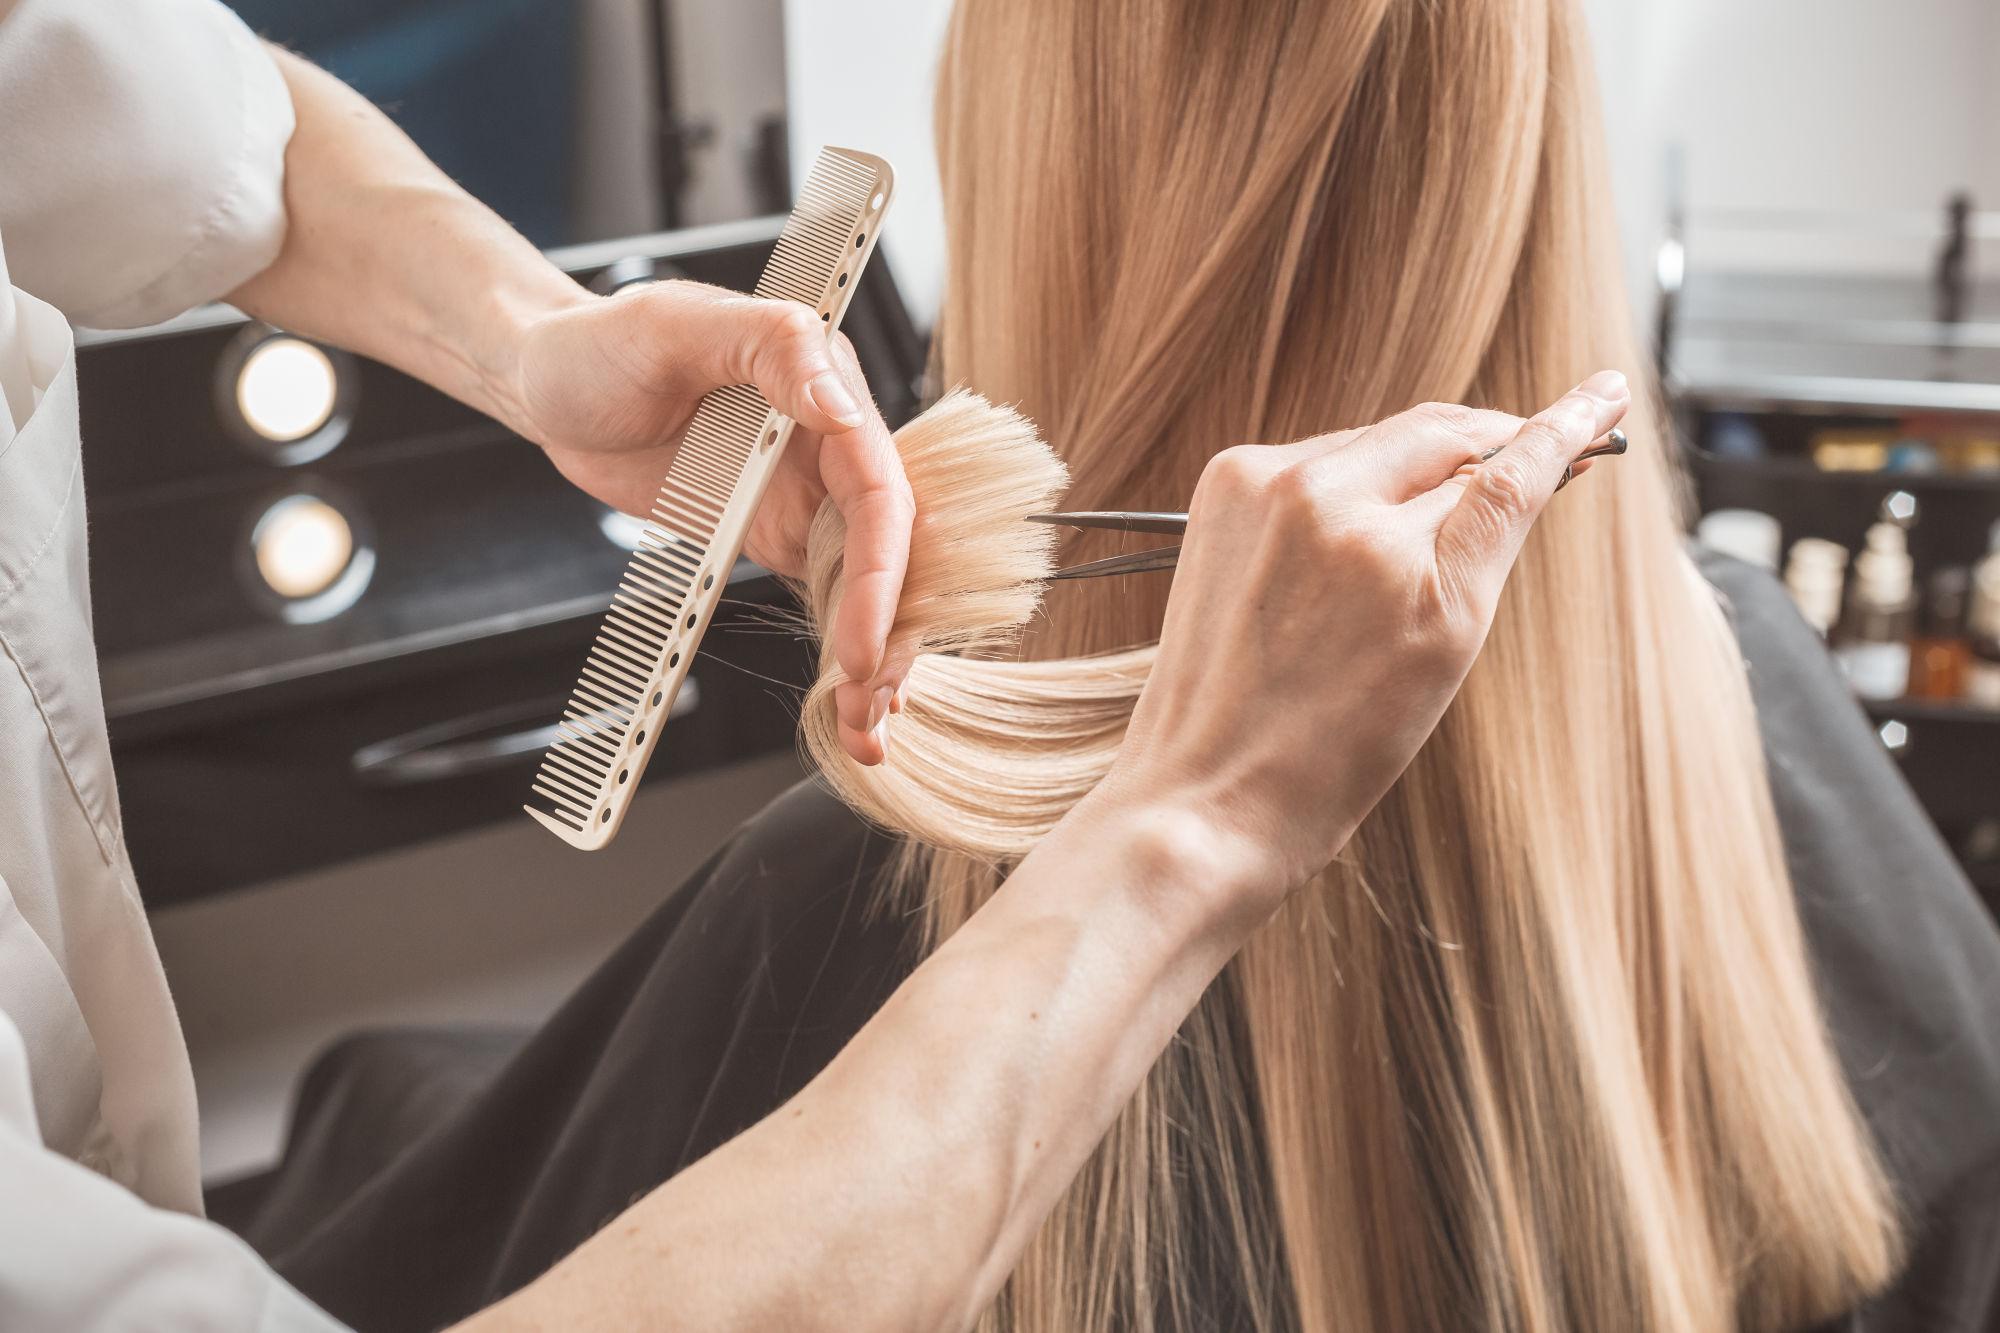 Chica cortandose el pelo